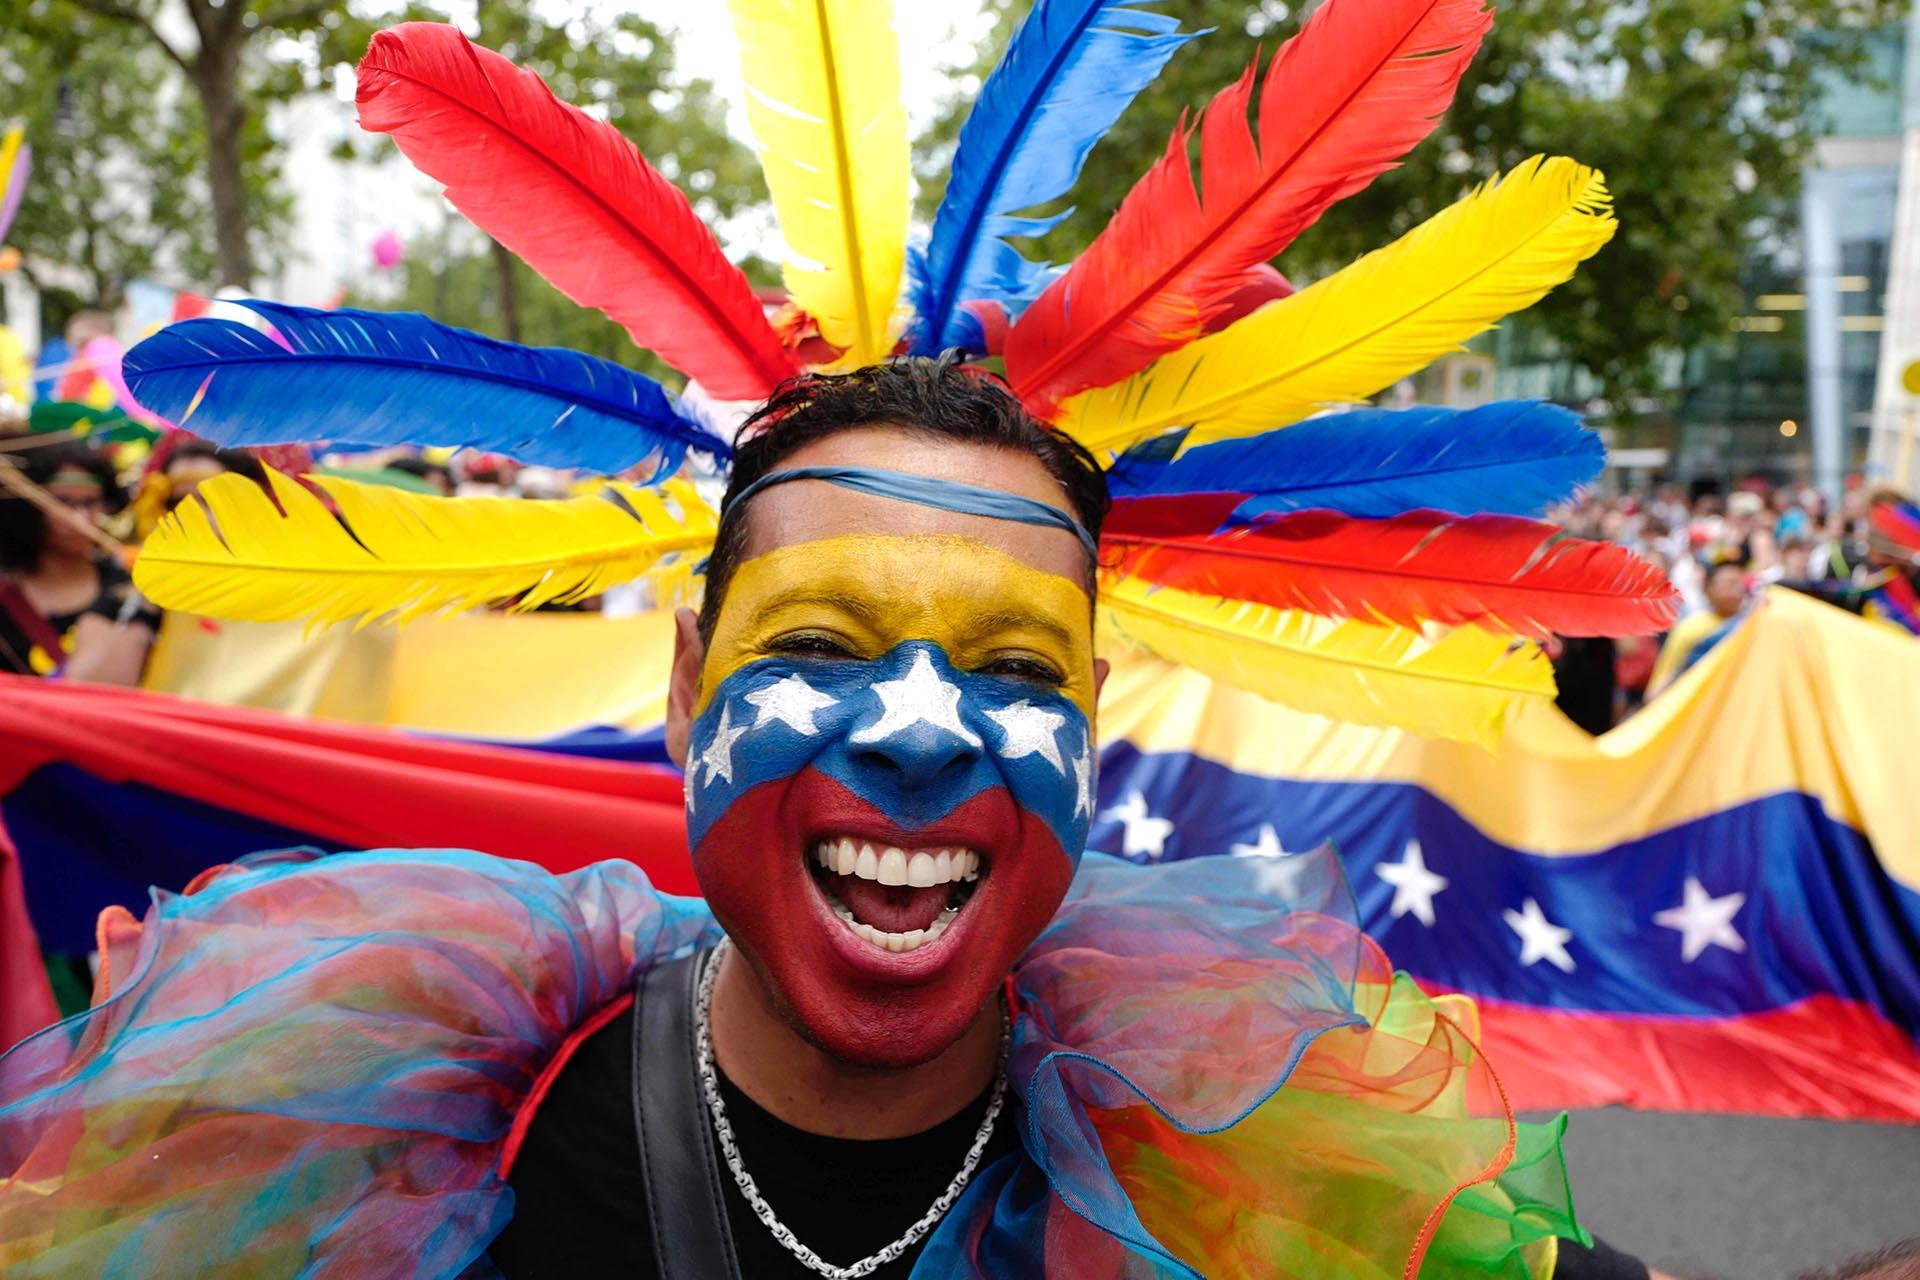 Un venezolano marchó con los colores de su patria en el desfile de Berlín el 22 de julio de 2017